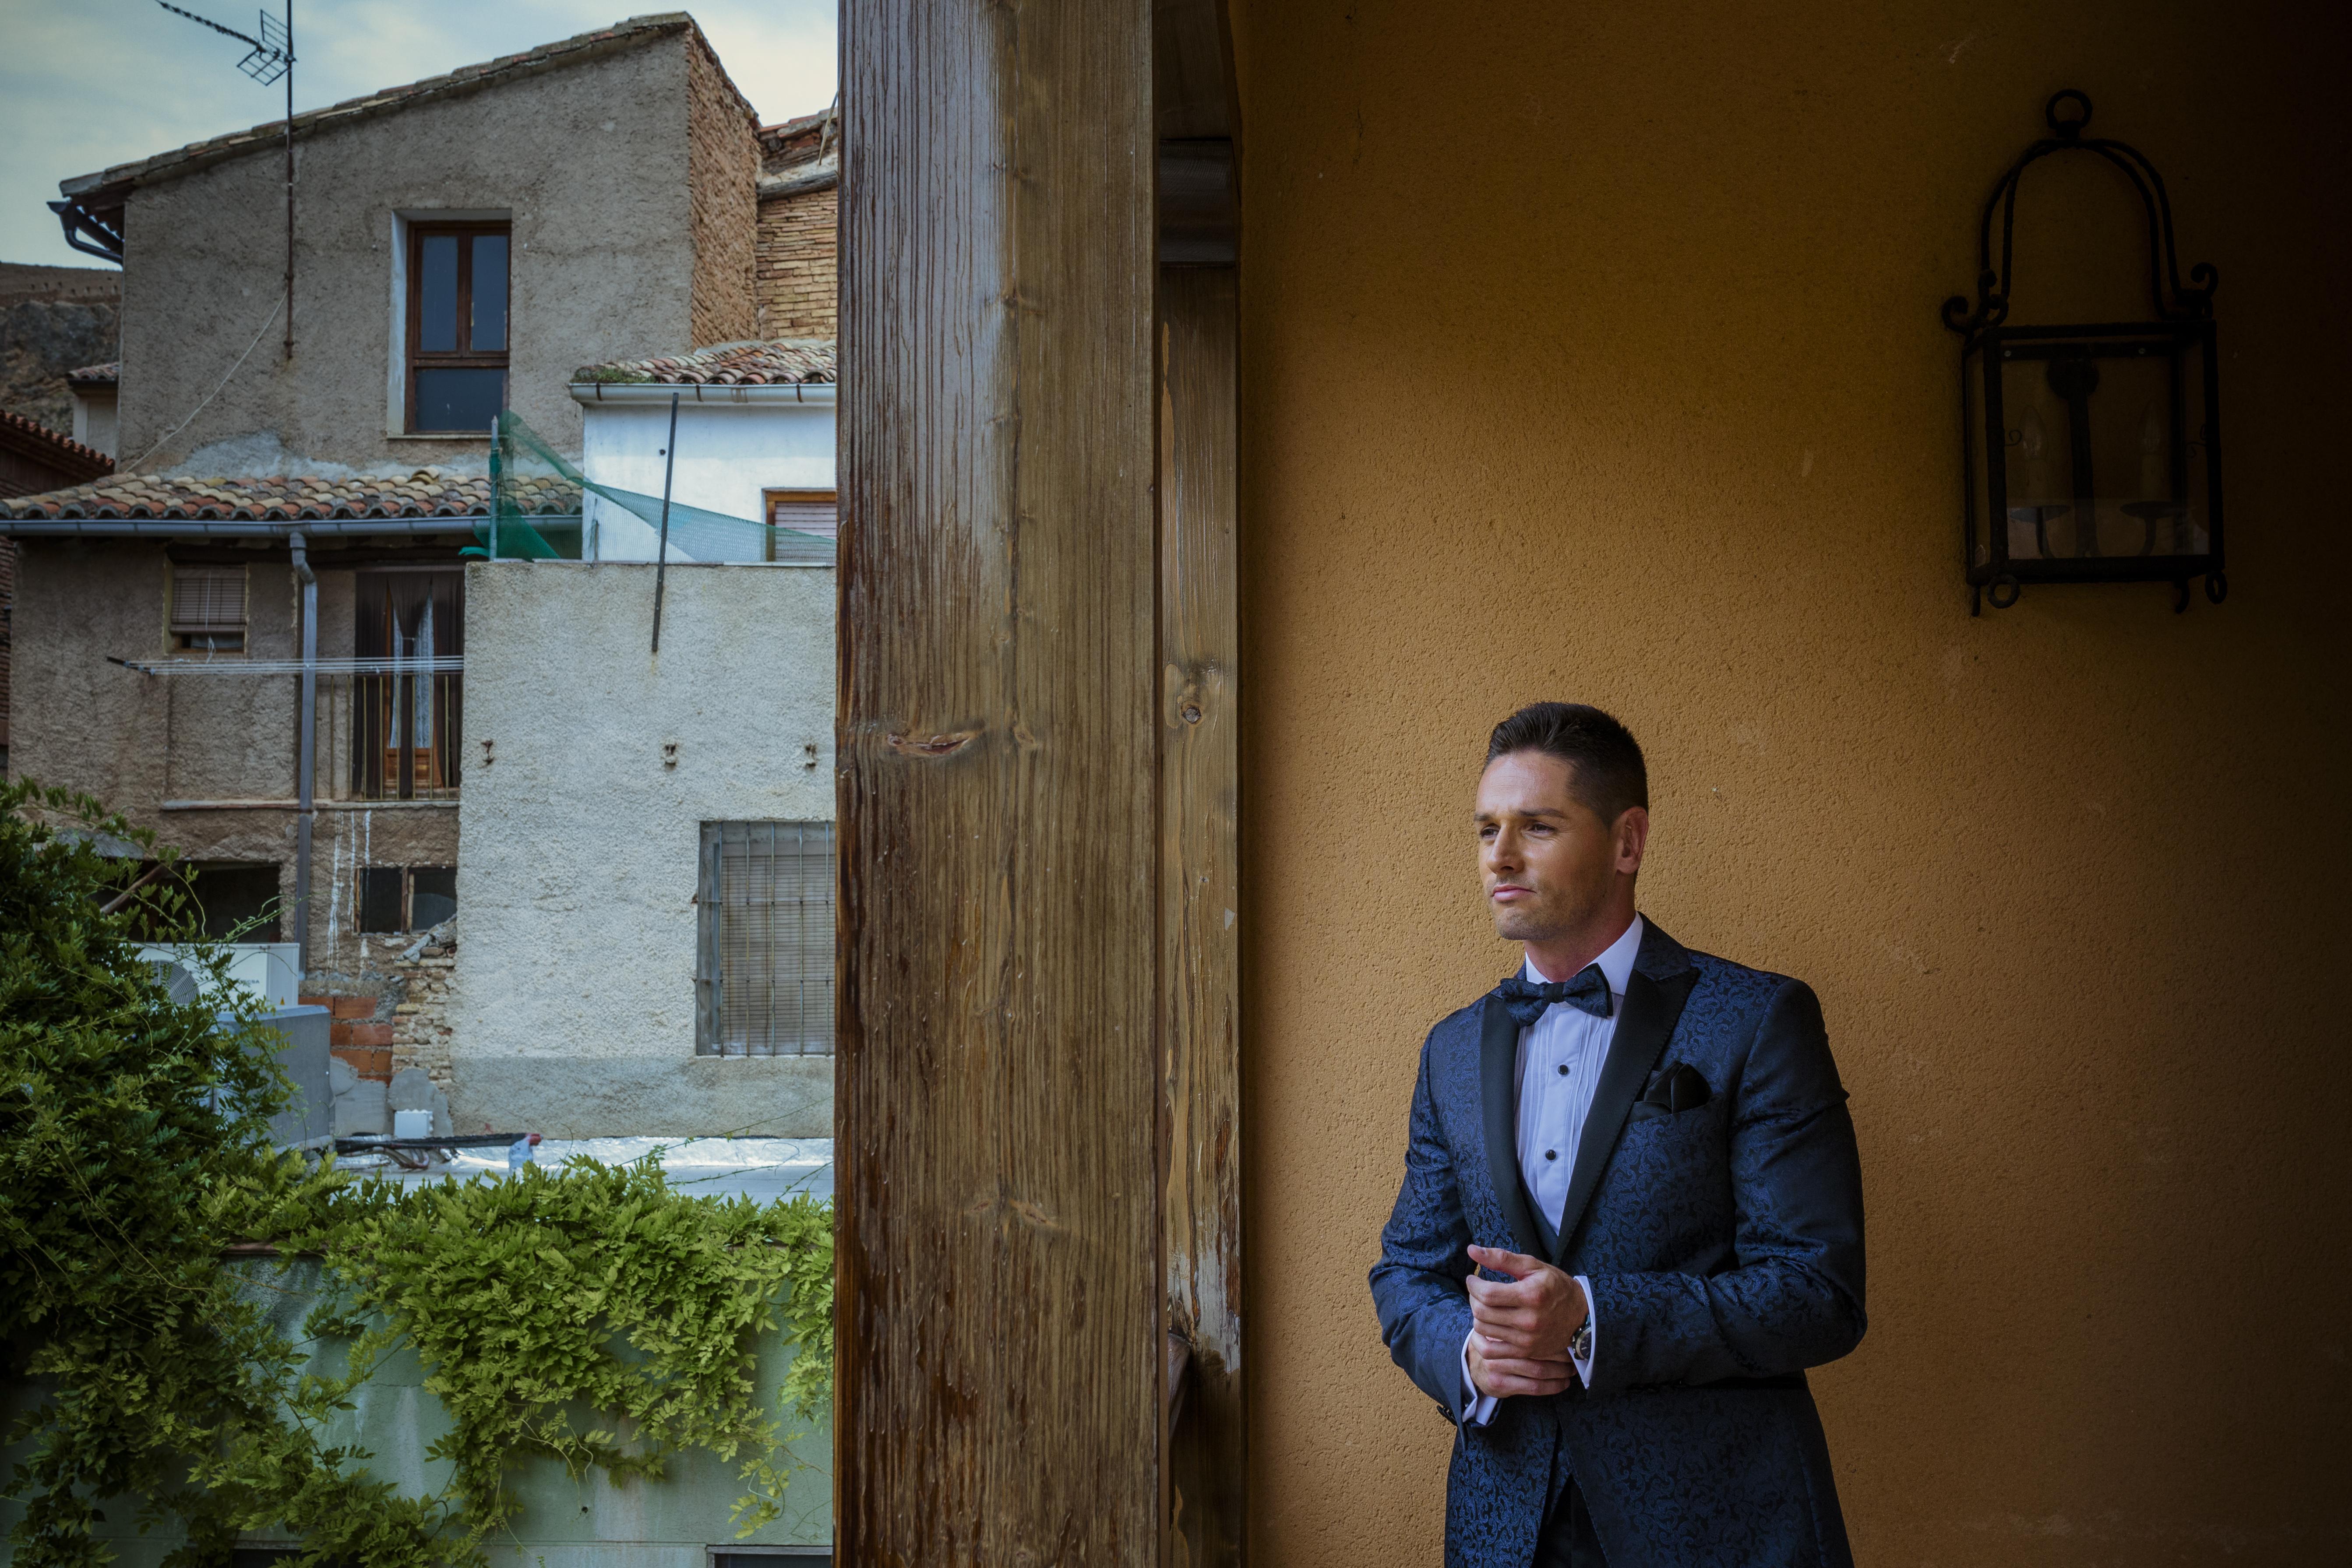 mandarina wedding, fotografos de boda, fotoperiodismo de boda, mejores fotografos de boda, bodas soria, bodas pirineo, bodas Madrid, fotógrafo daroca_29